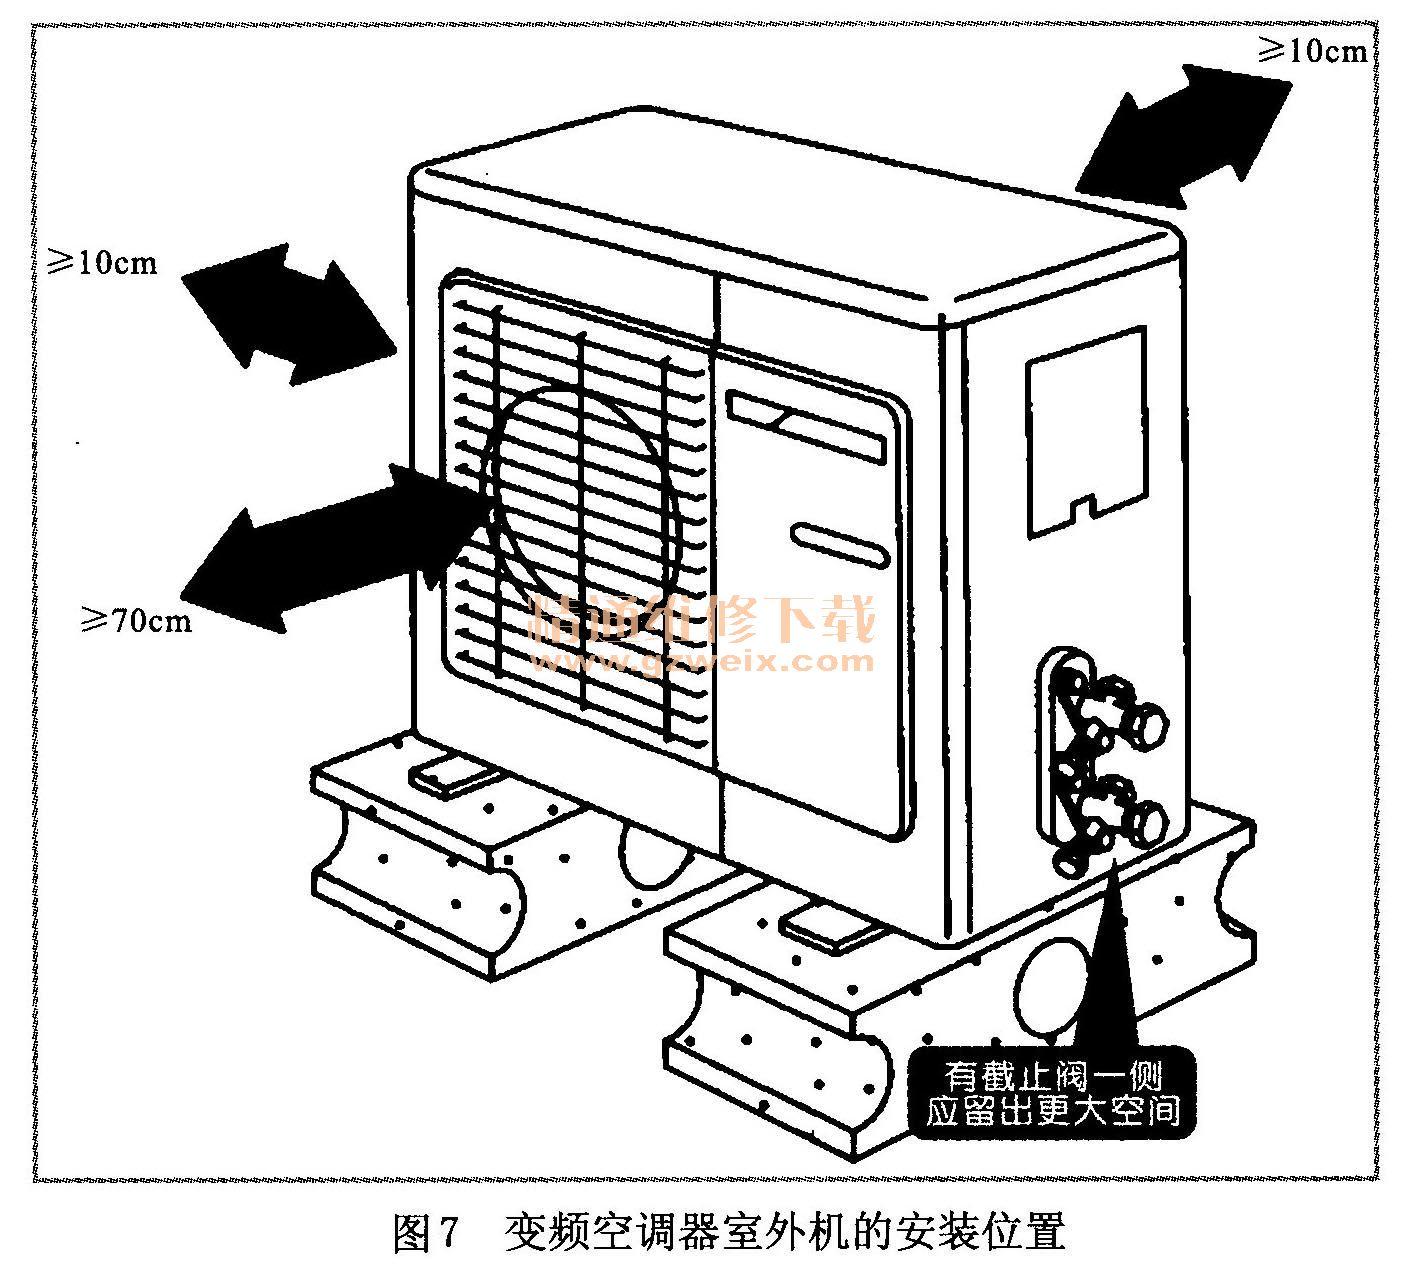 排水管接通,分体柜式变频空调器室内机的下方或左右